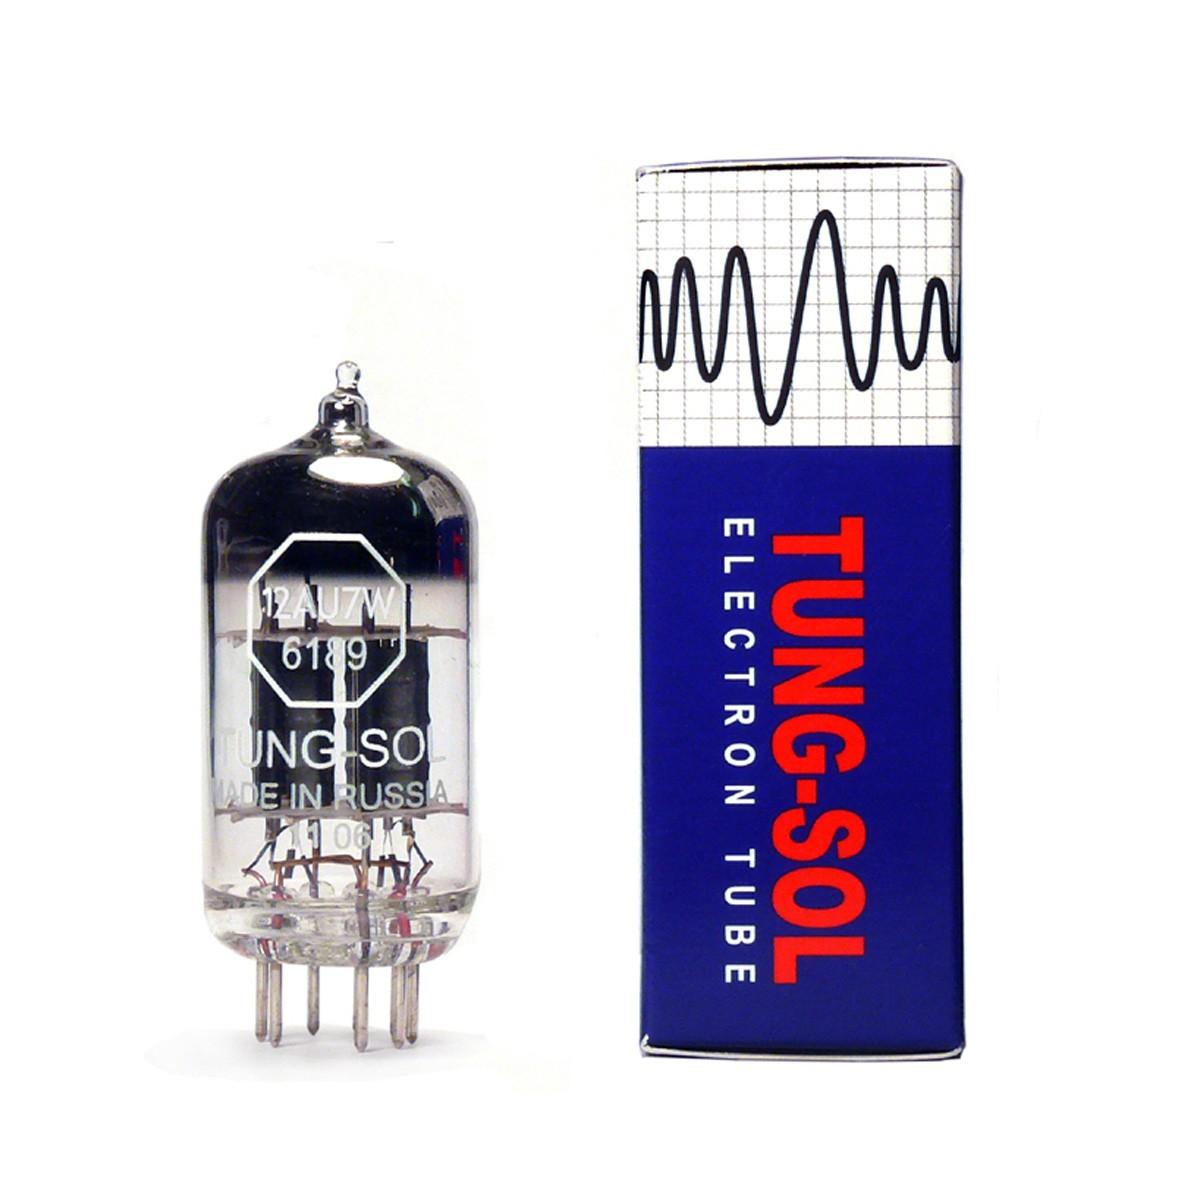 TUNG-SOL 12AU7 / ECC82 Tube de Qualité Militaire (Unité)